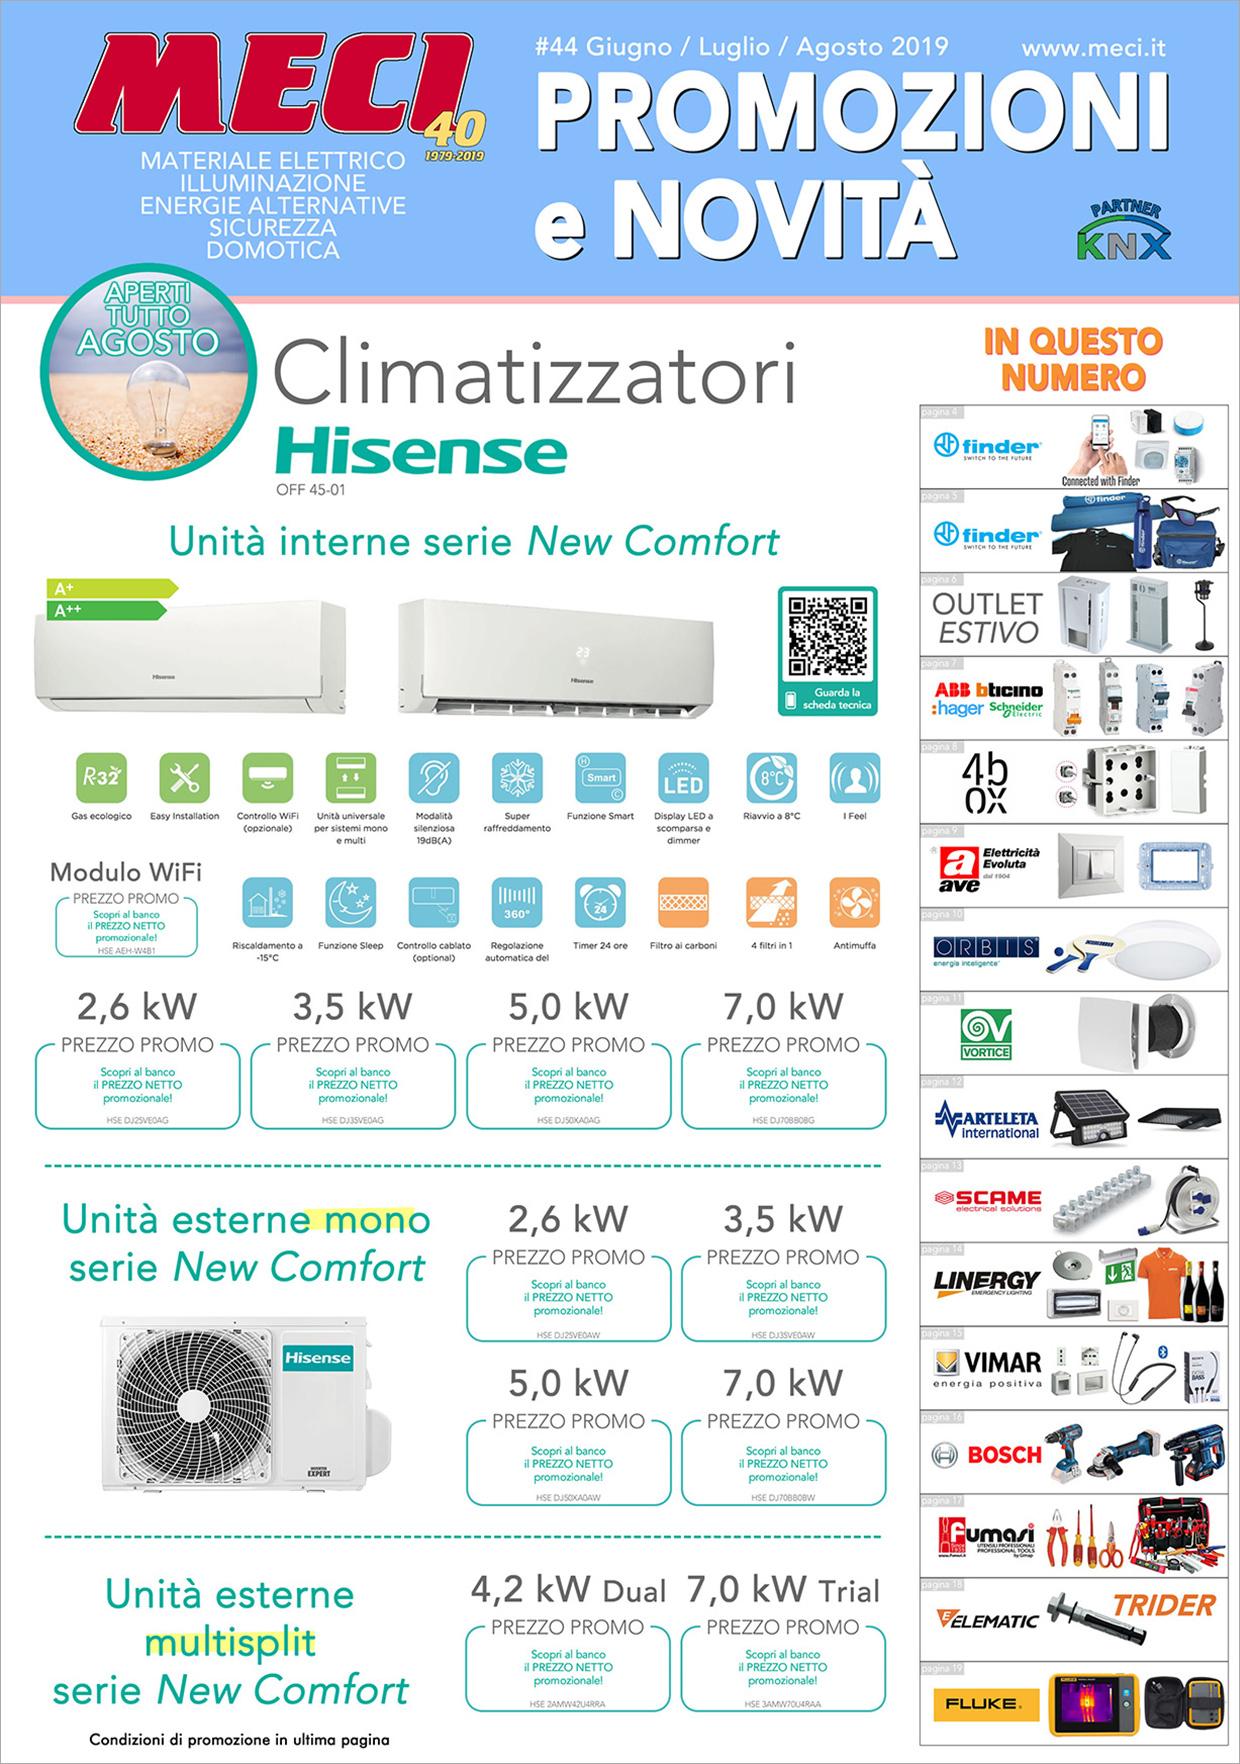 Volantino Luglio 2019 - Meci, materiale elettrico, illuminazione in Liguria